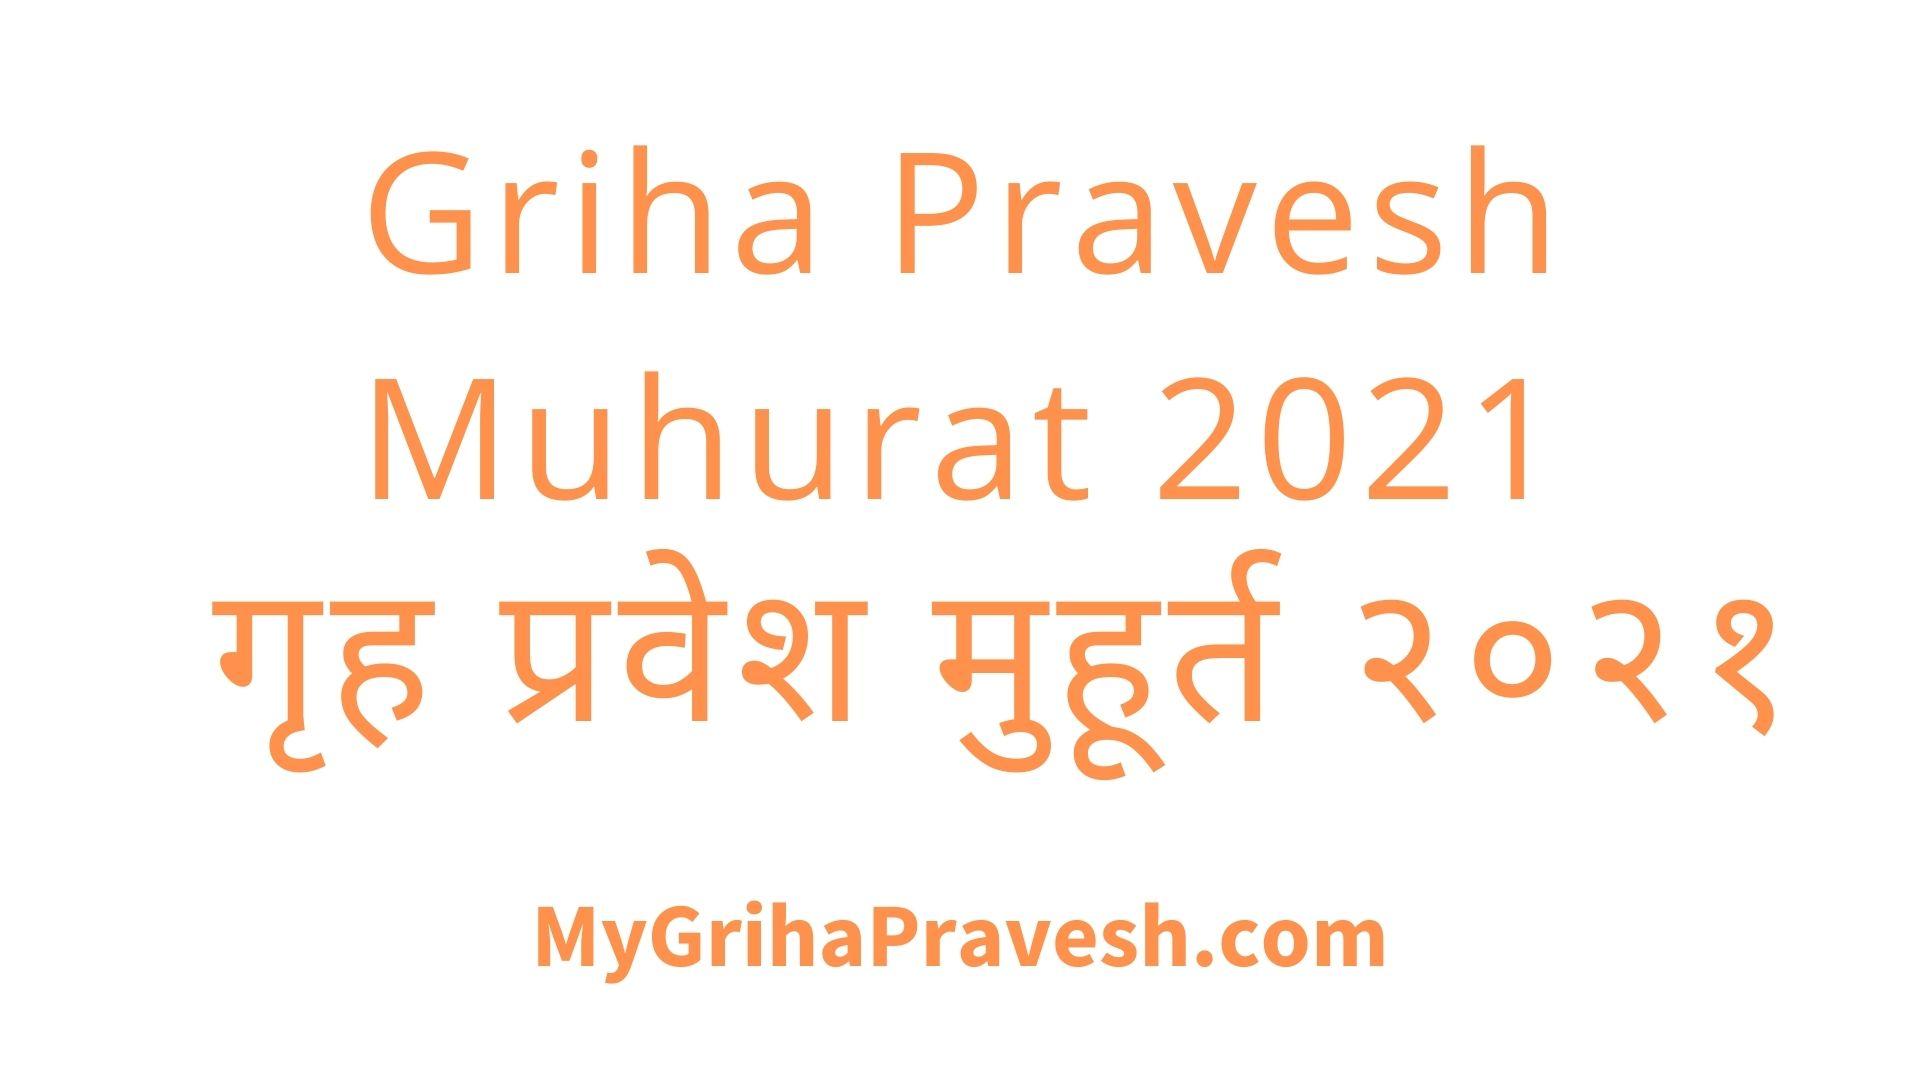 Griha Pravesh Muhurat 2021